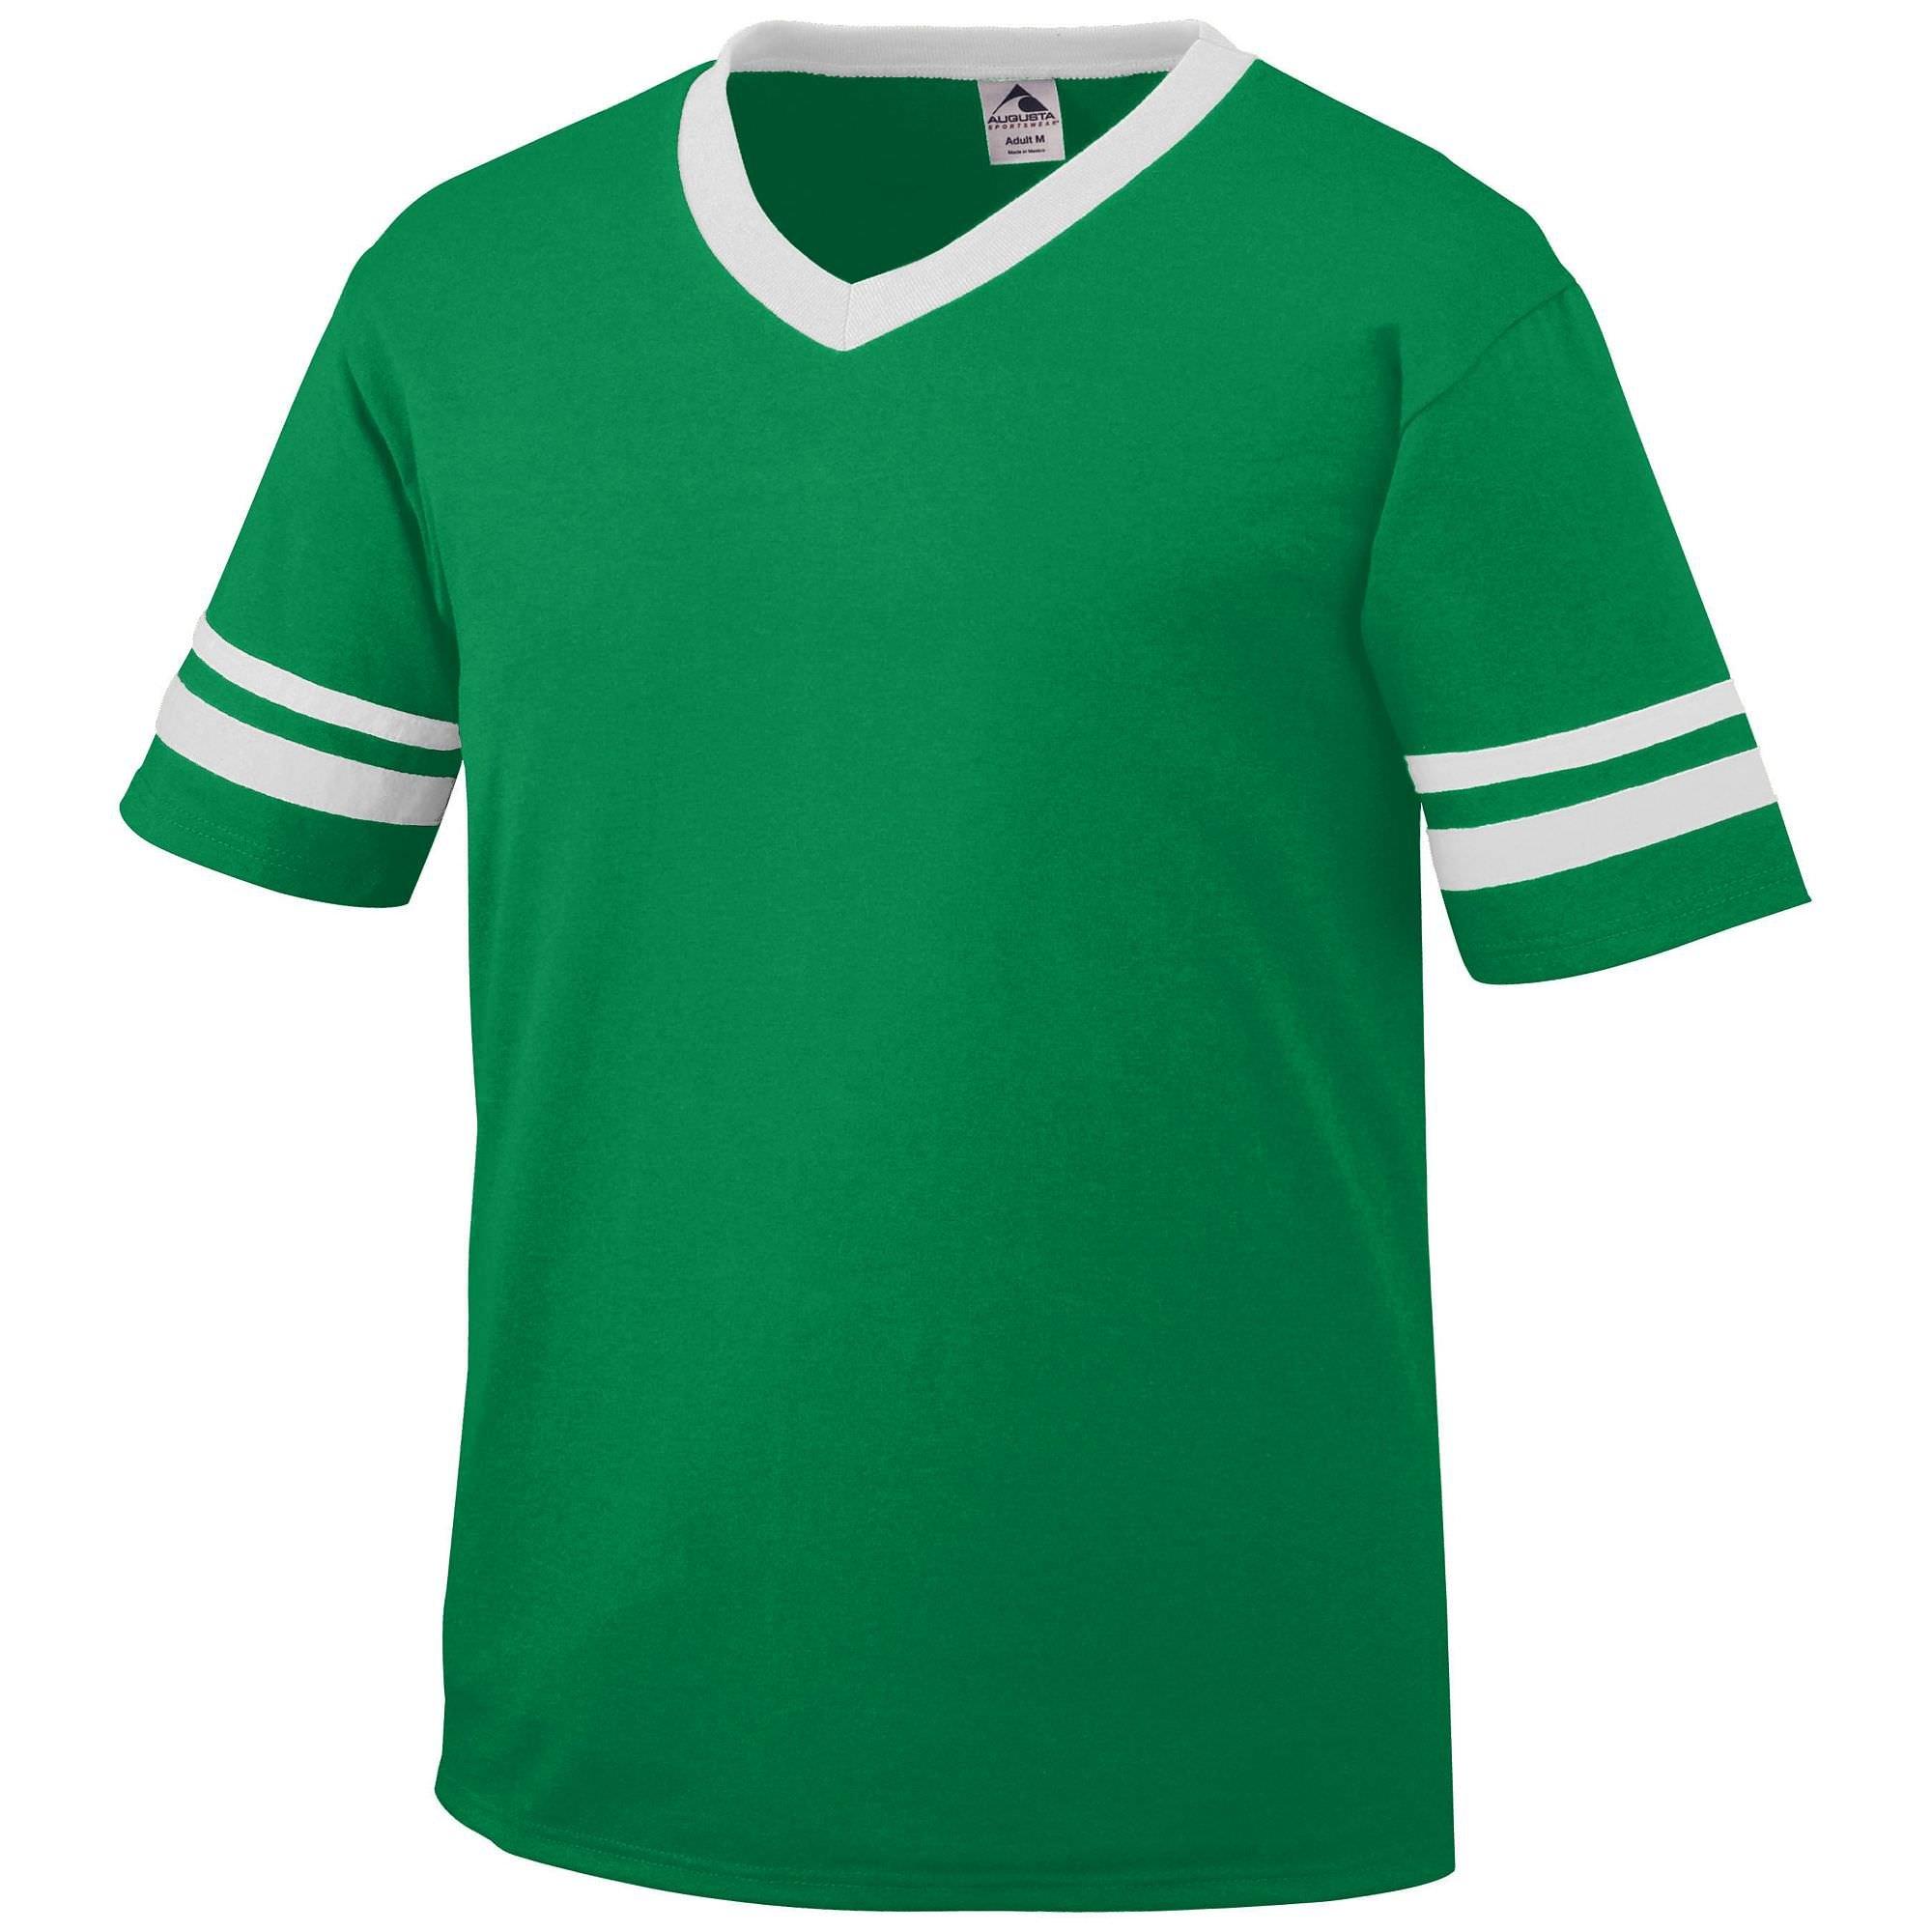 Augusta Sportswear Augusta sleeve Stripe Jersey, Kelly/White, XX-Large